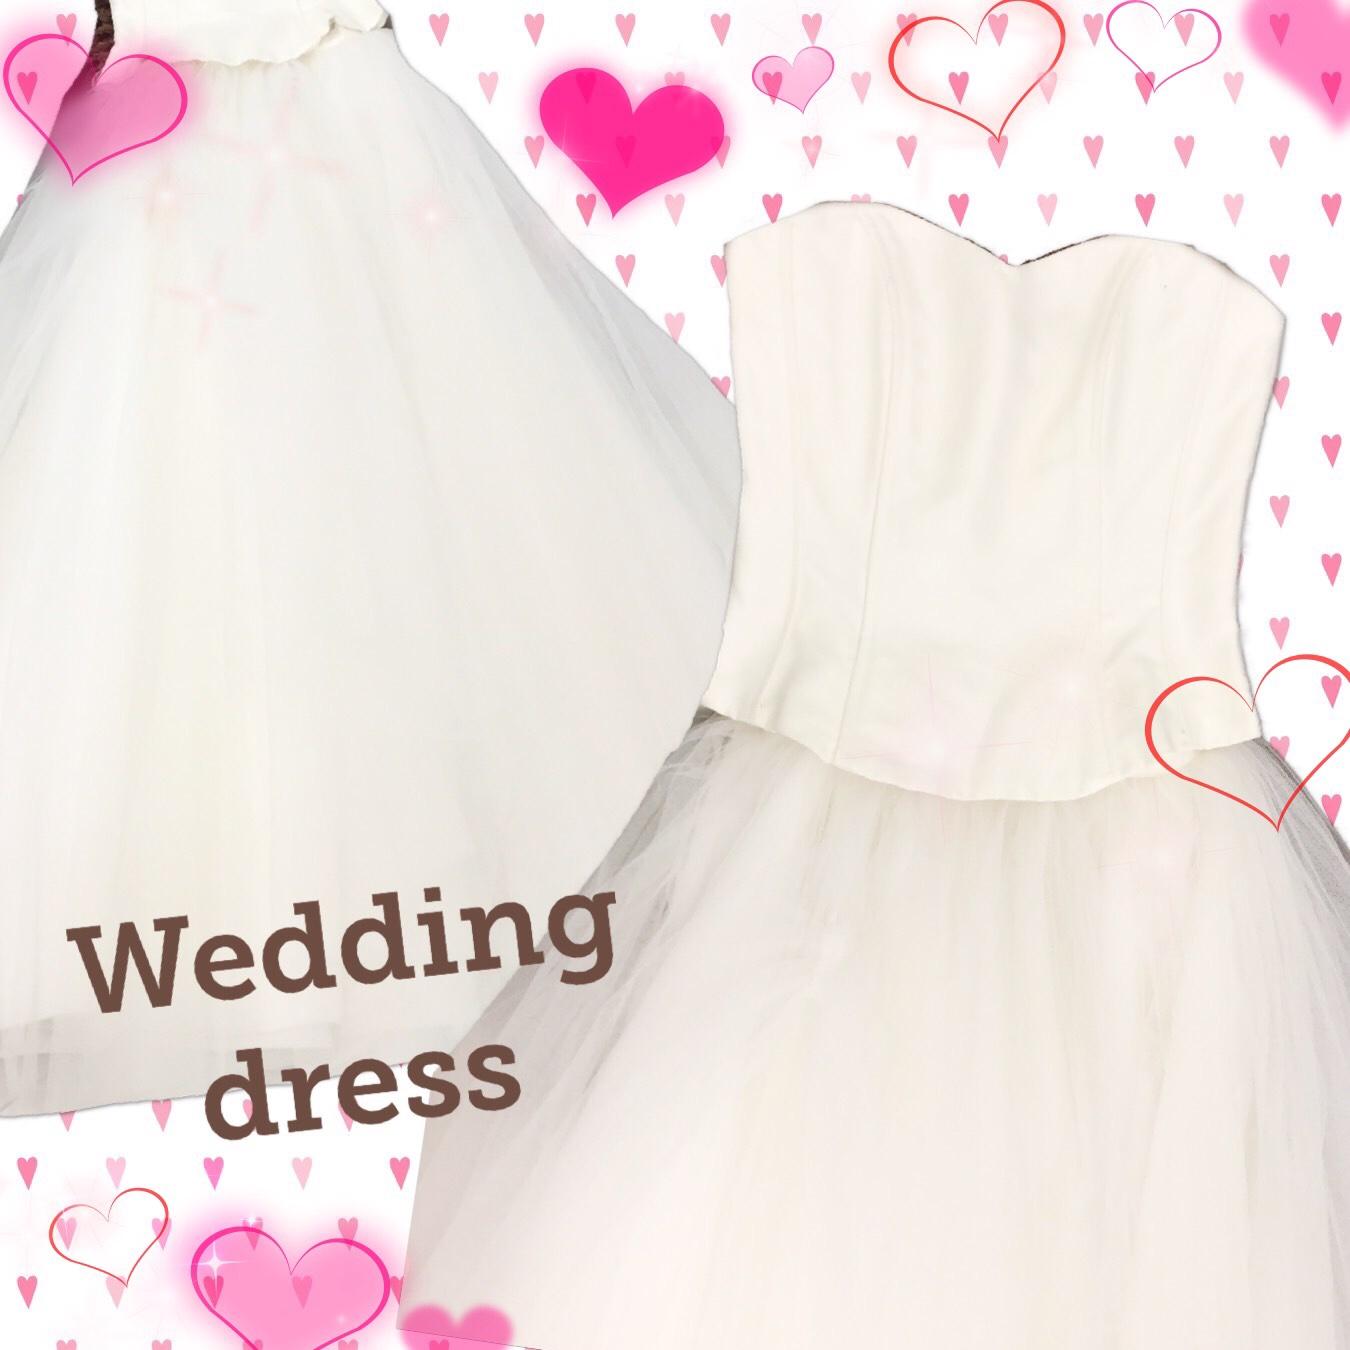 ふわふわスカートのウェディングドレス